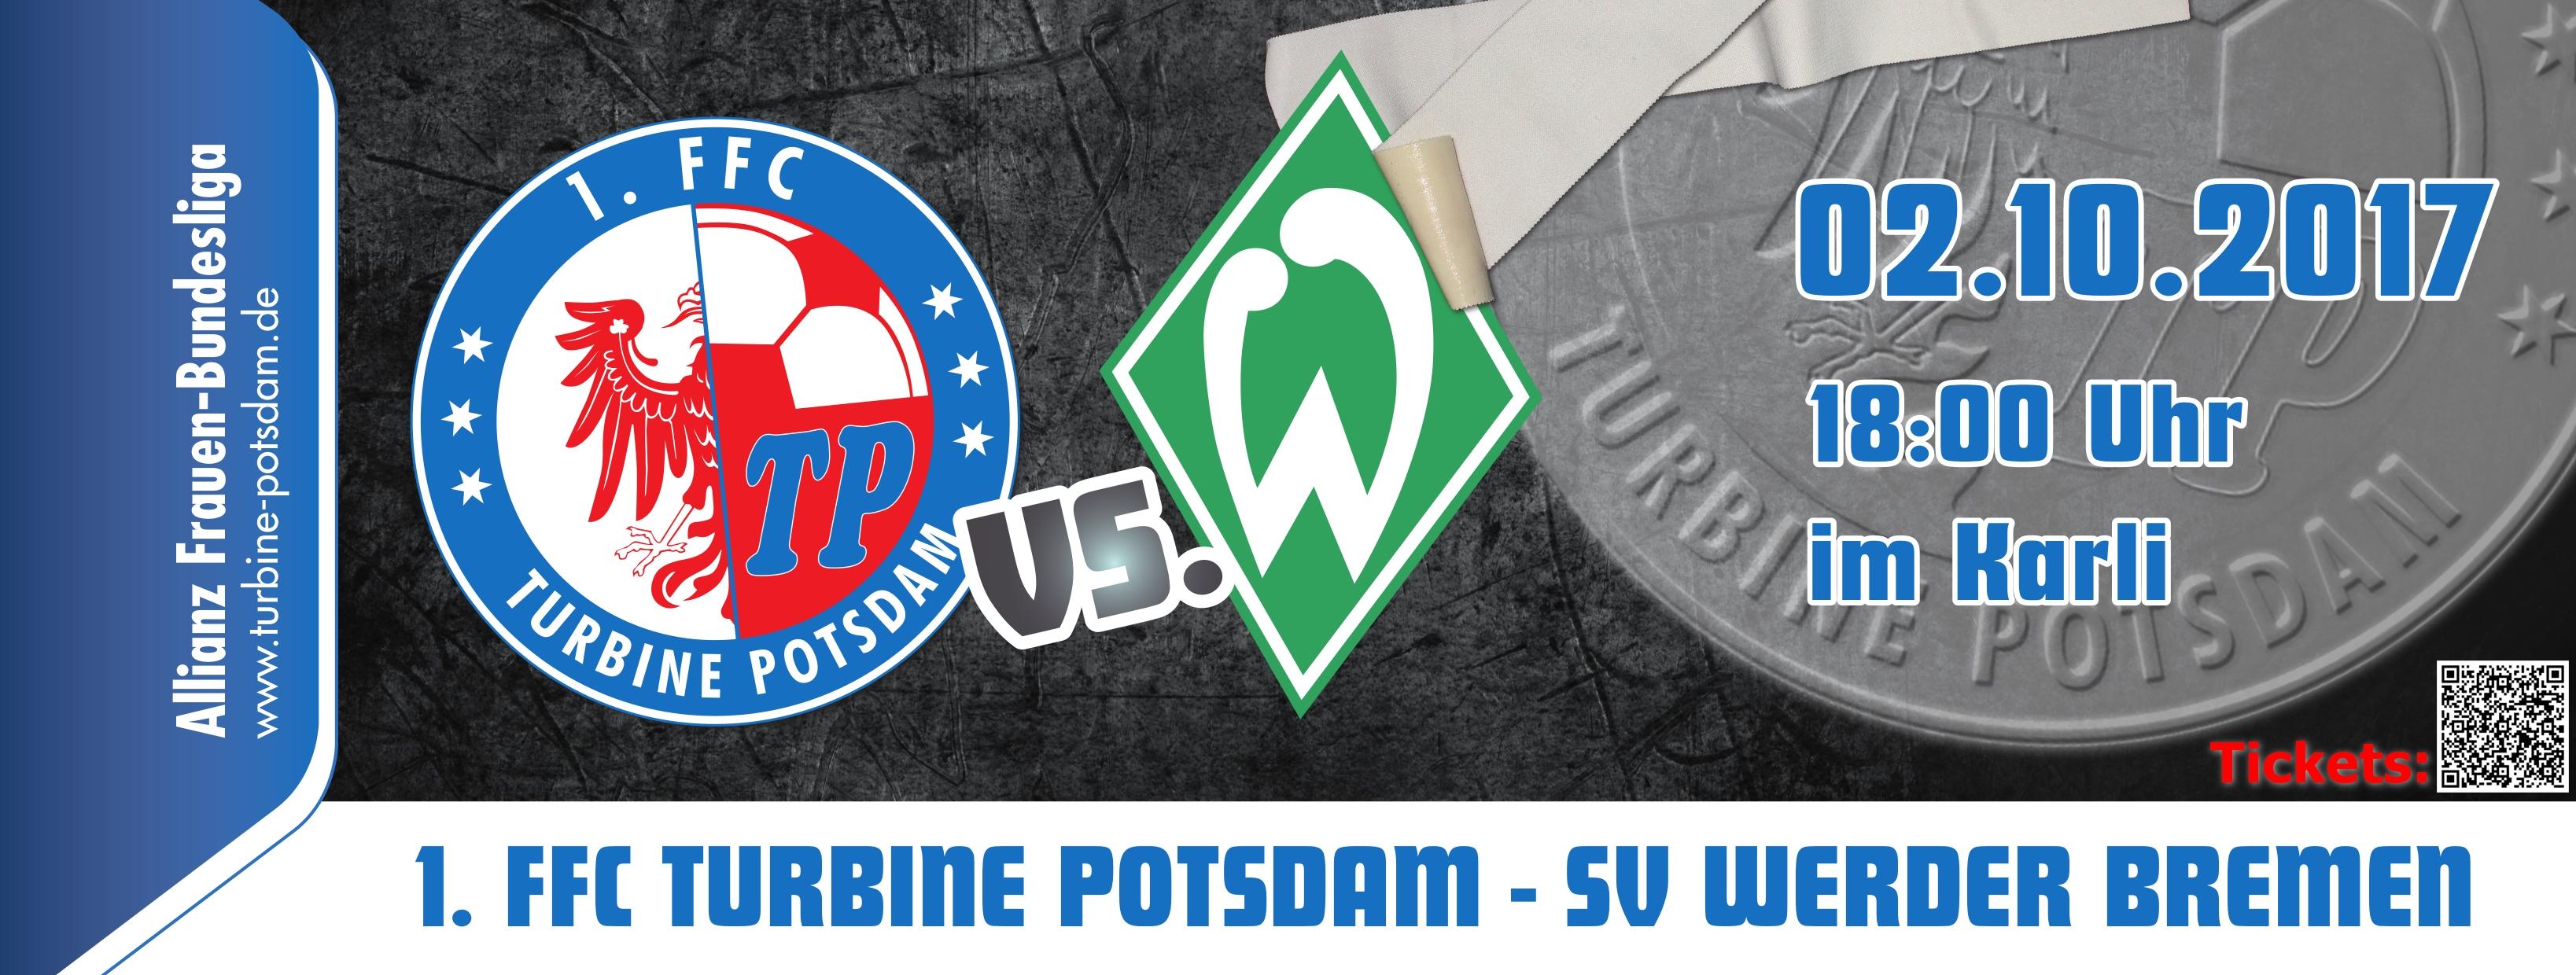 Kartenvorverkauf Gestartet 1ffc Turbine Potsdam Werder Bremen